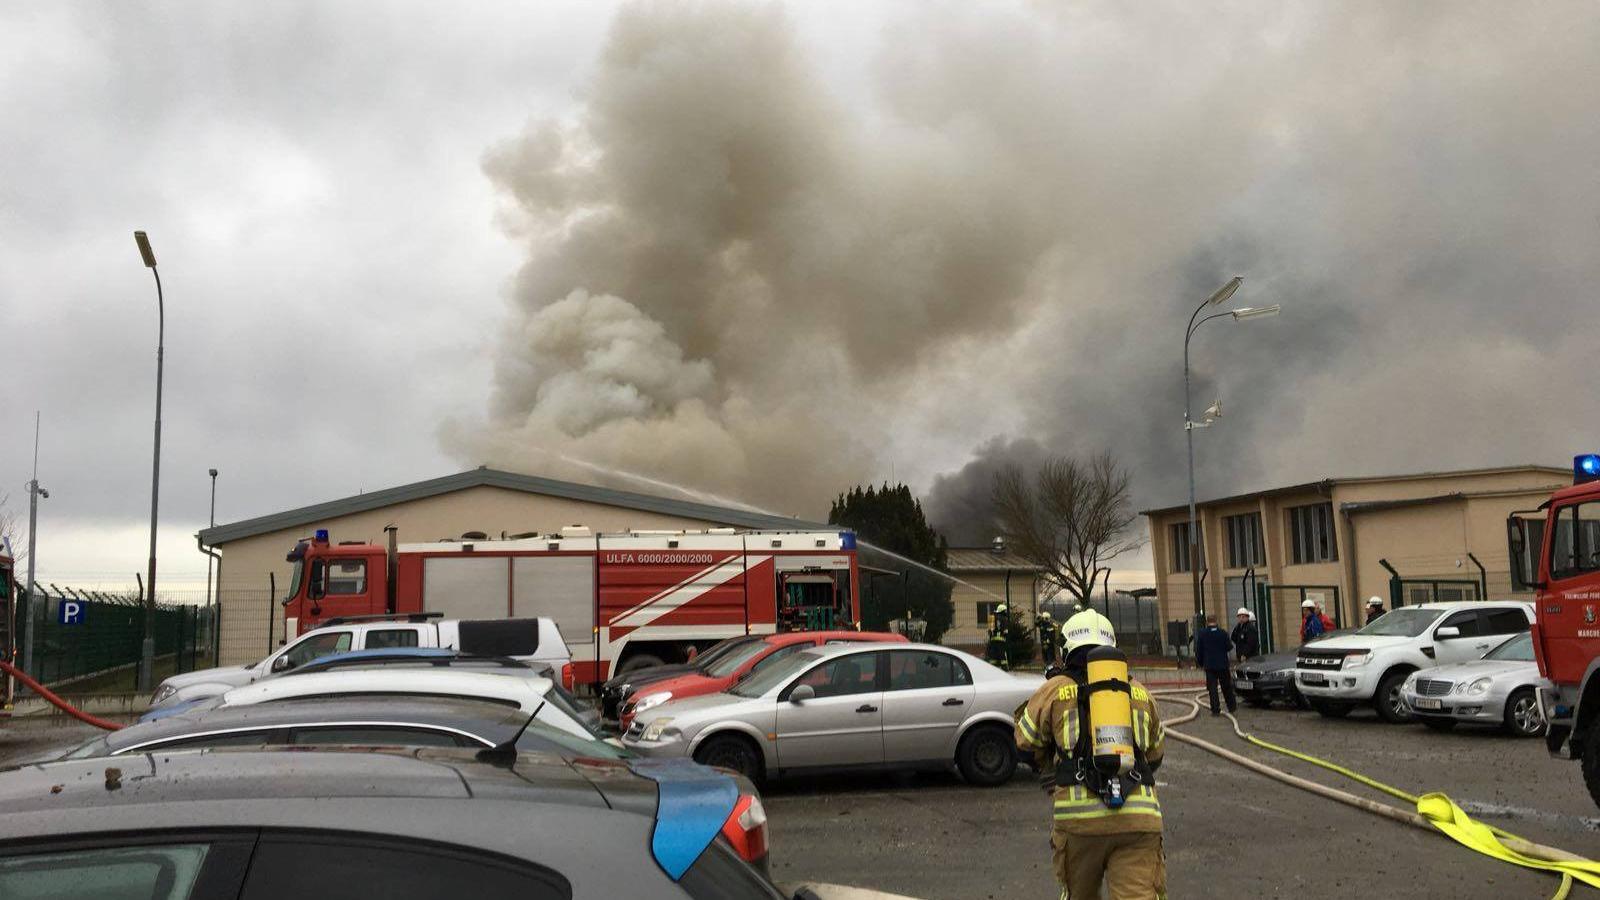 Els serveis de emergència a la arriben a la planta de gas de Baumgarten després de la explosió